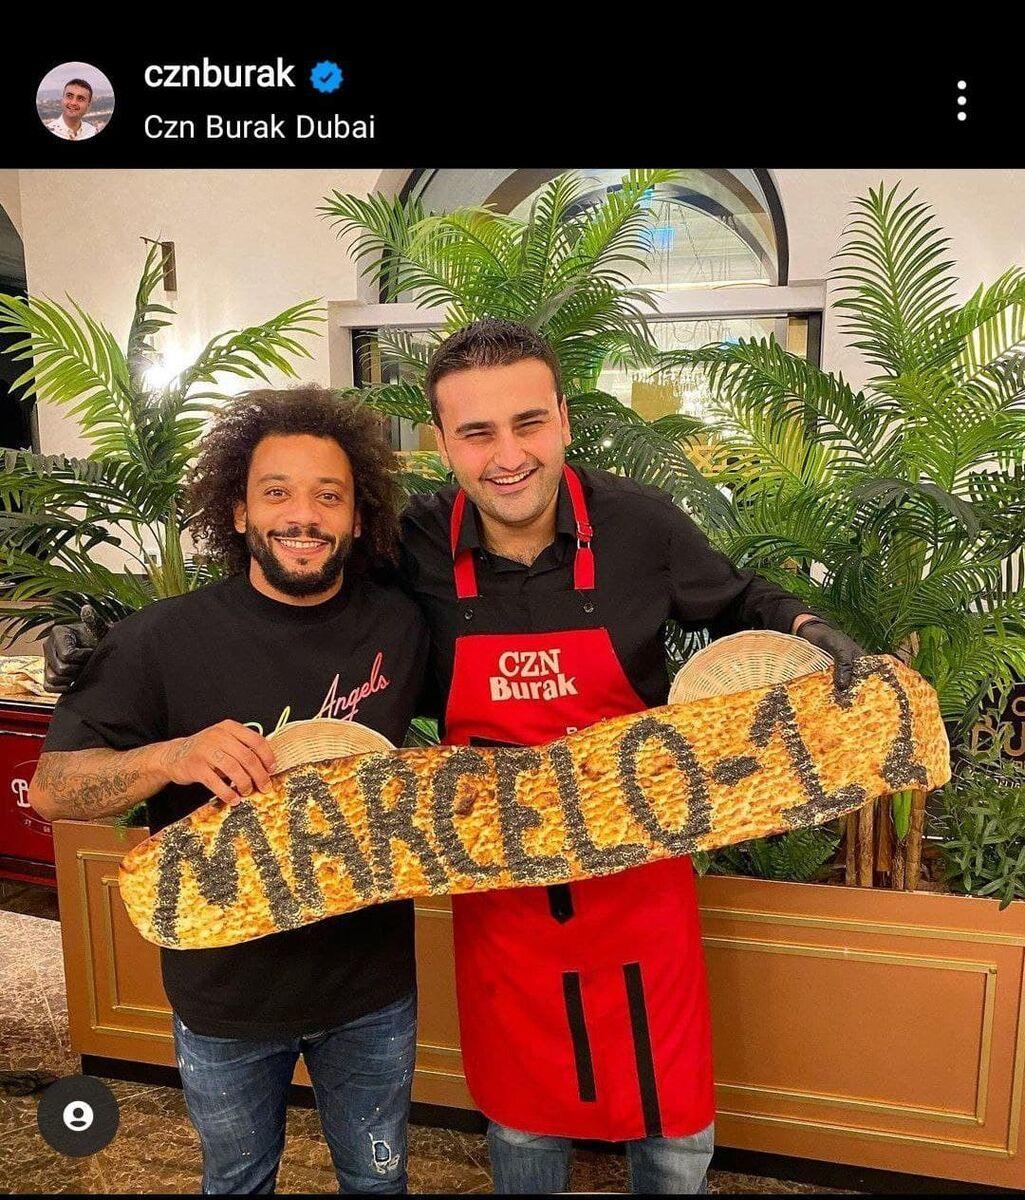 عکس| ستاره استقلال در معروفترین رستوران دبی